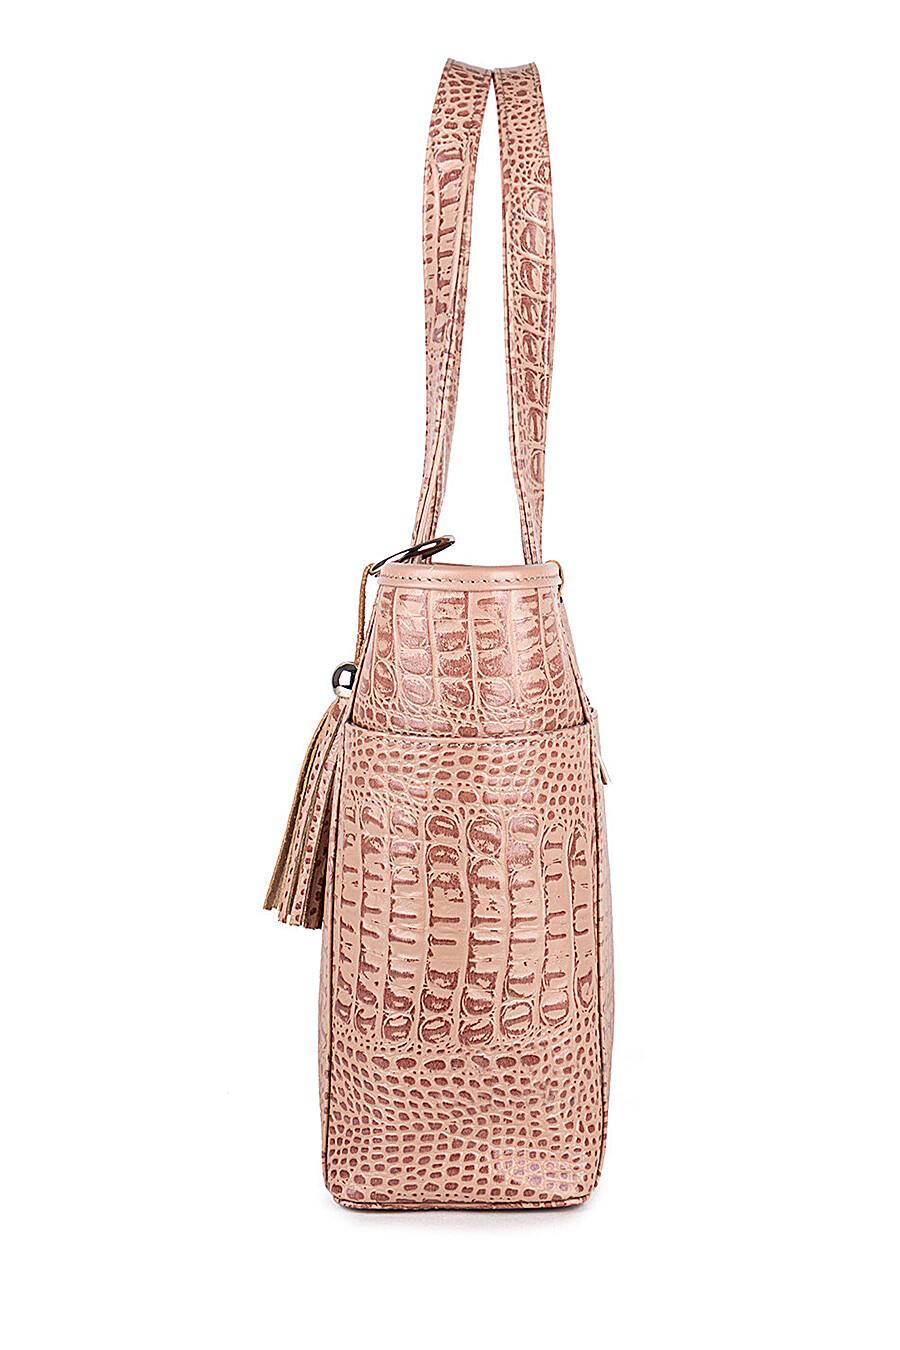 Сумка для женщин L-CRAFT 667984 купить оптом от производителя. Совместная покупка женской одежды в OptMoyo